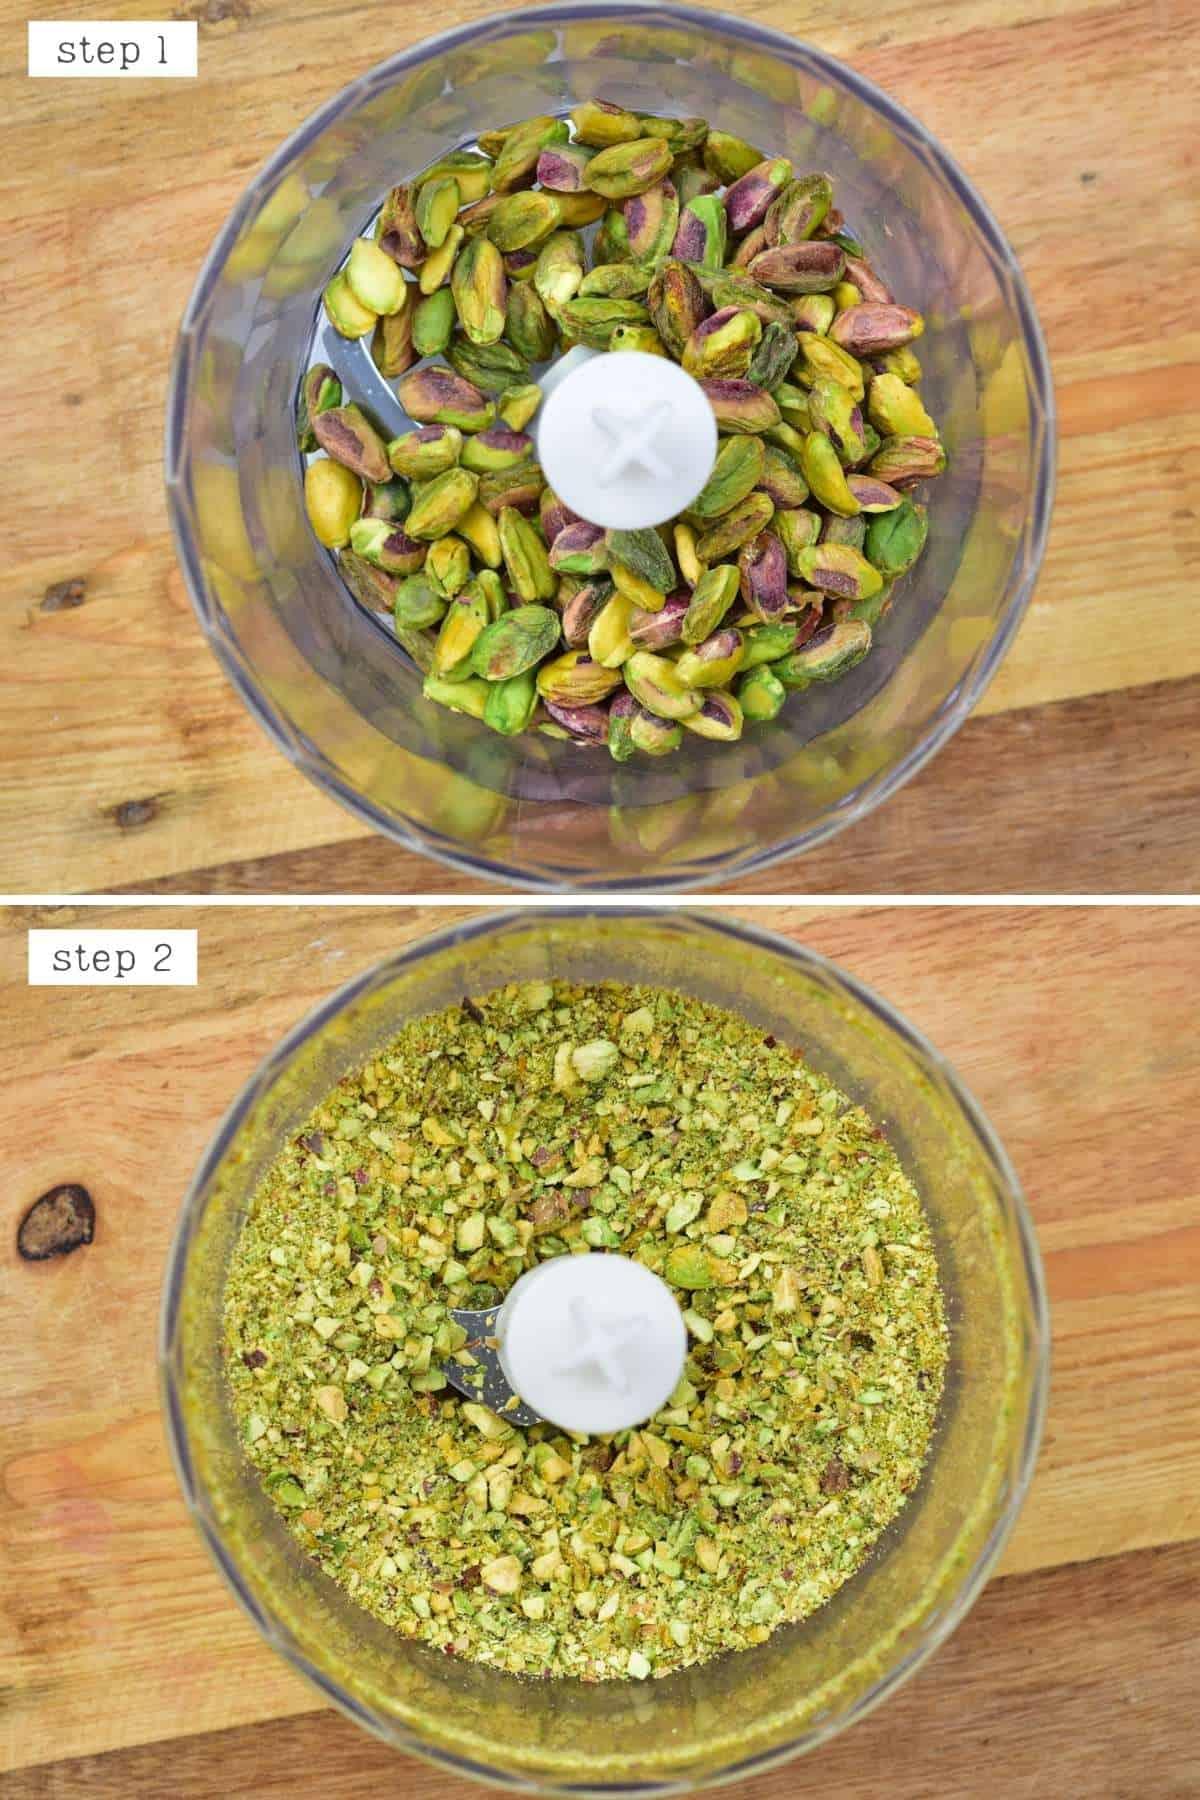 Processing pistachios